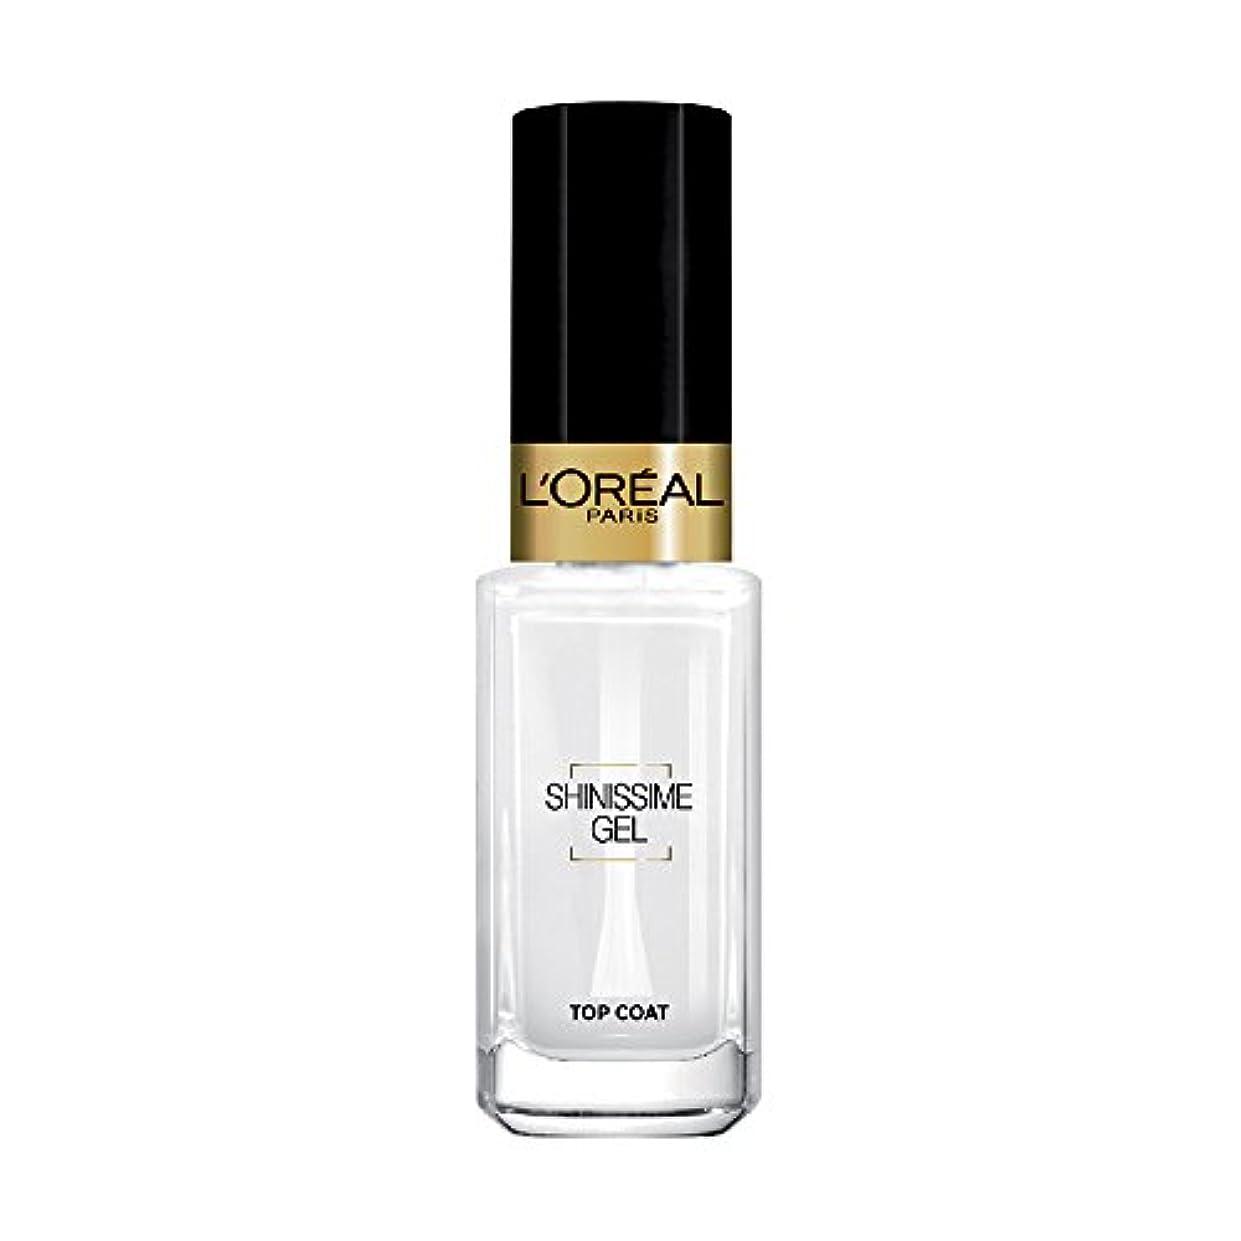 アトミックレディ変数L 'Oréal Paris shinissime Gel Top Coat effekt gel